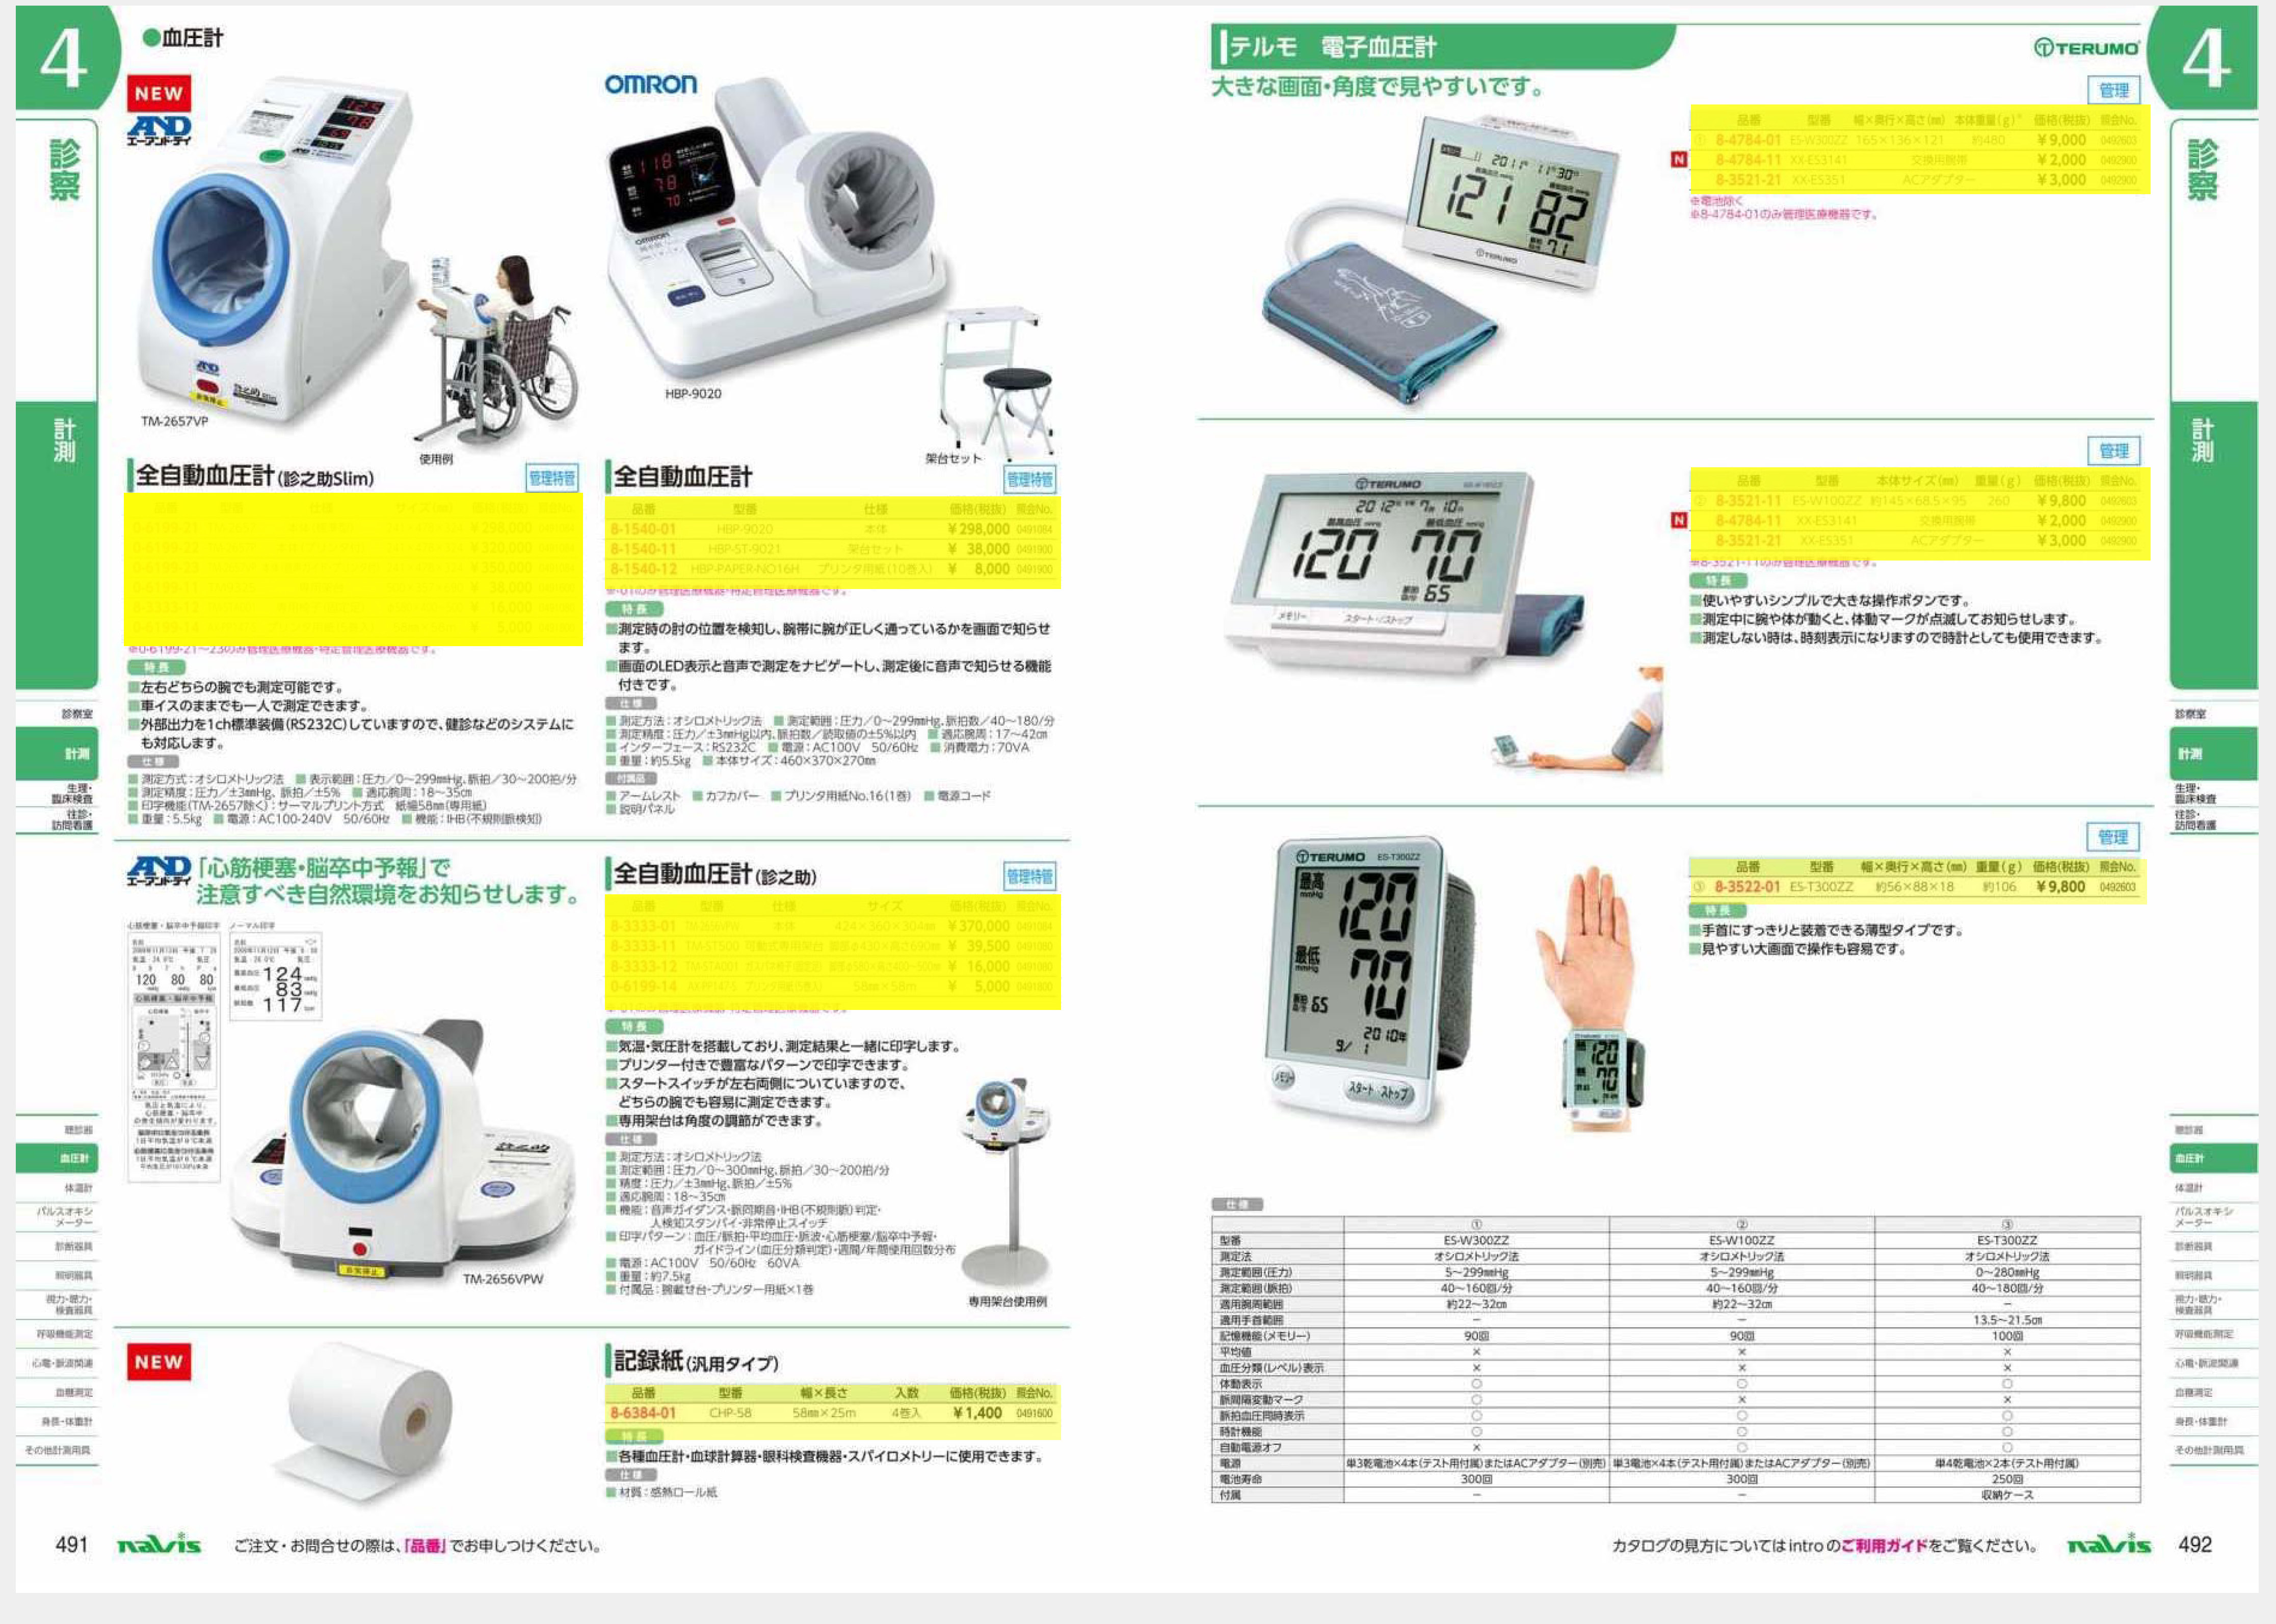 ナビス50000 エー・アンド・デイ 8-3333-11 全自動血圧計[診之助]用架台 TM−ST500 可動式専用架台[個](as1-8-3333-11)